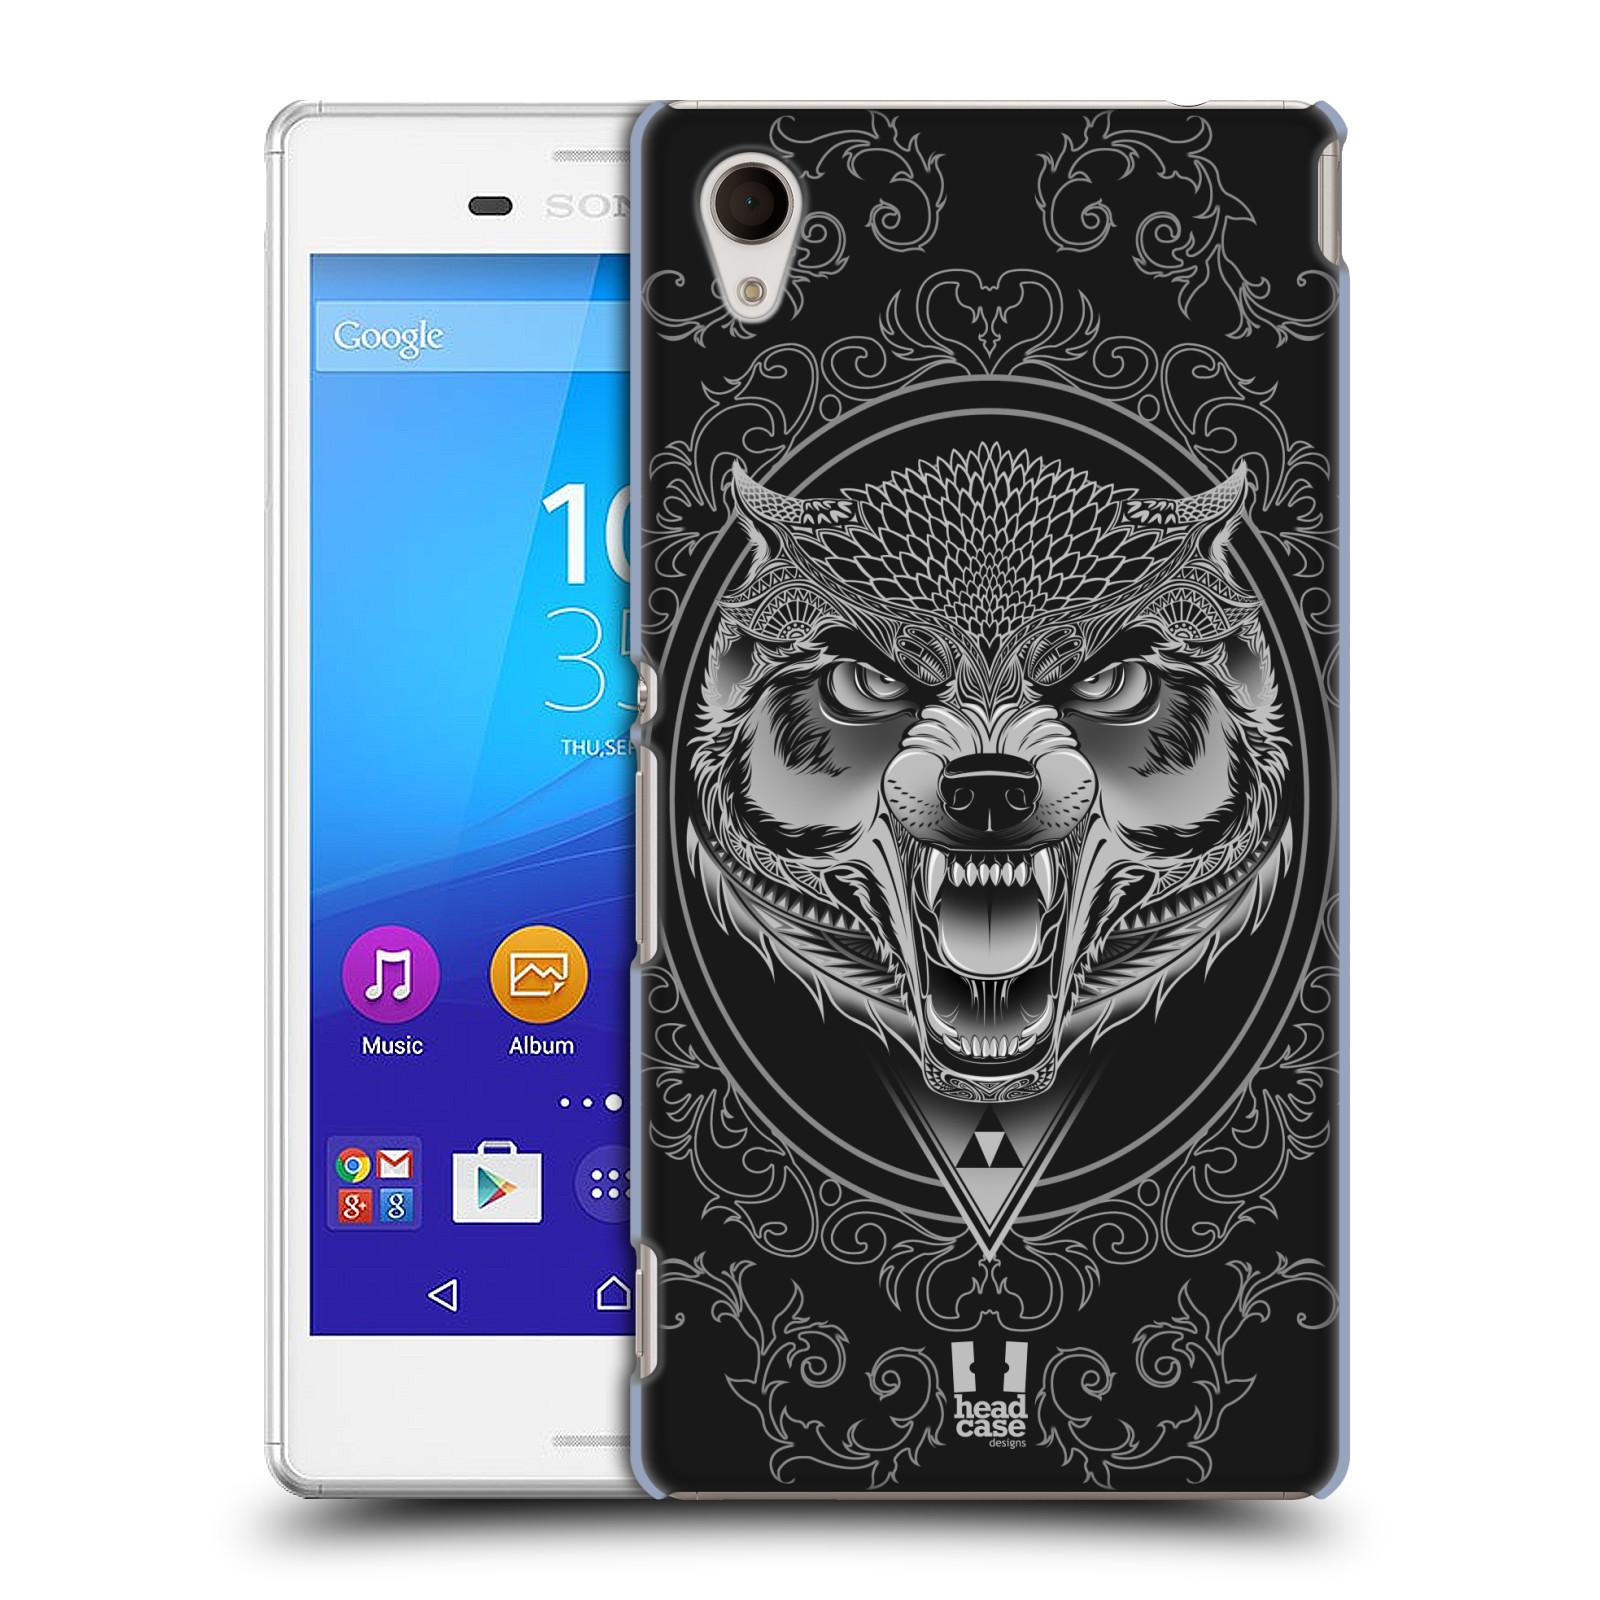 Plastové pouzdro na mobil Sony Xperia M4 Aqua E2303 - Head Case - Krutý vlk